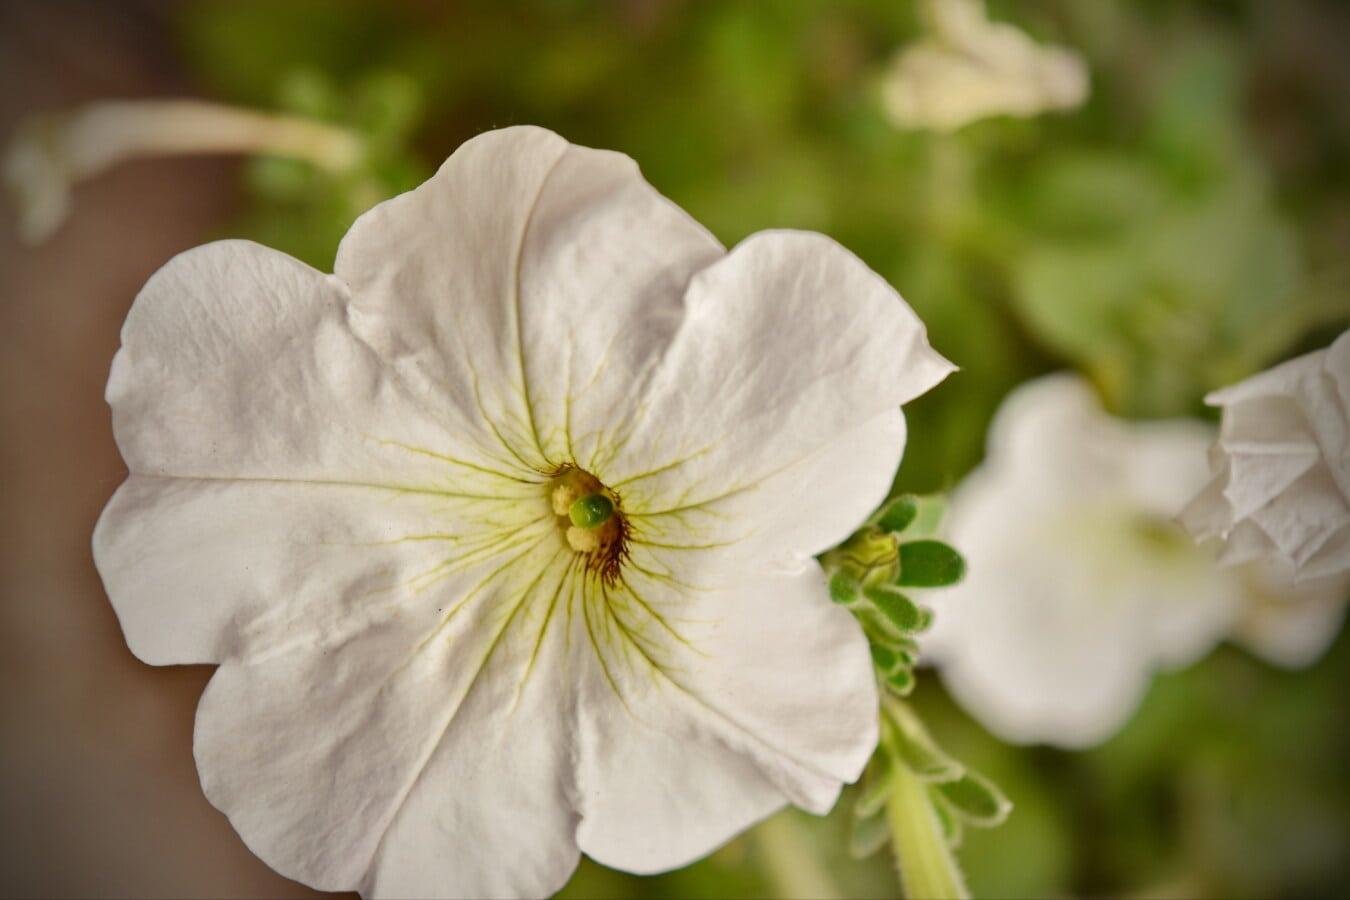 weiße Blume, Petunia, Stempel, aus nächster Nähe, Blatt, Sommer, Garten, blühen, Blume, Anlage